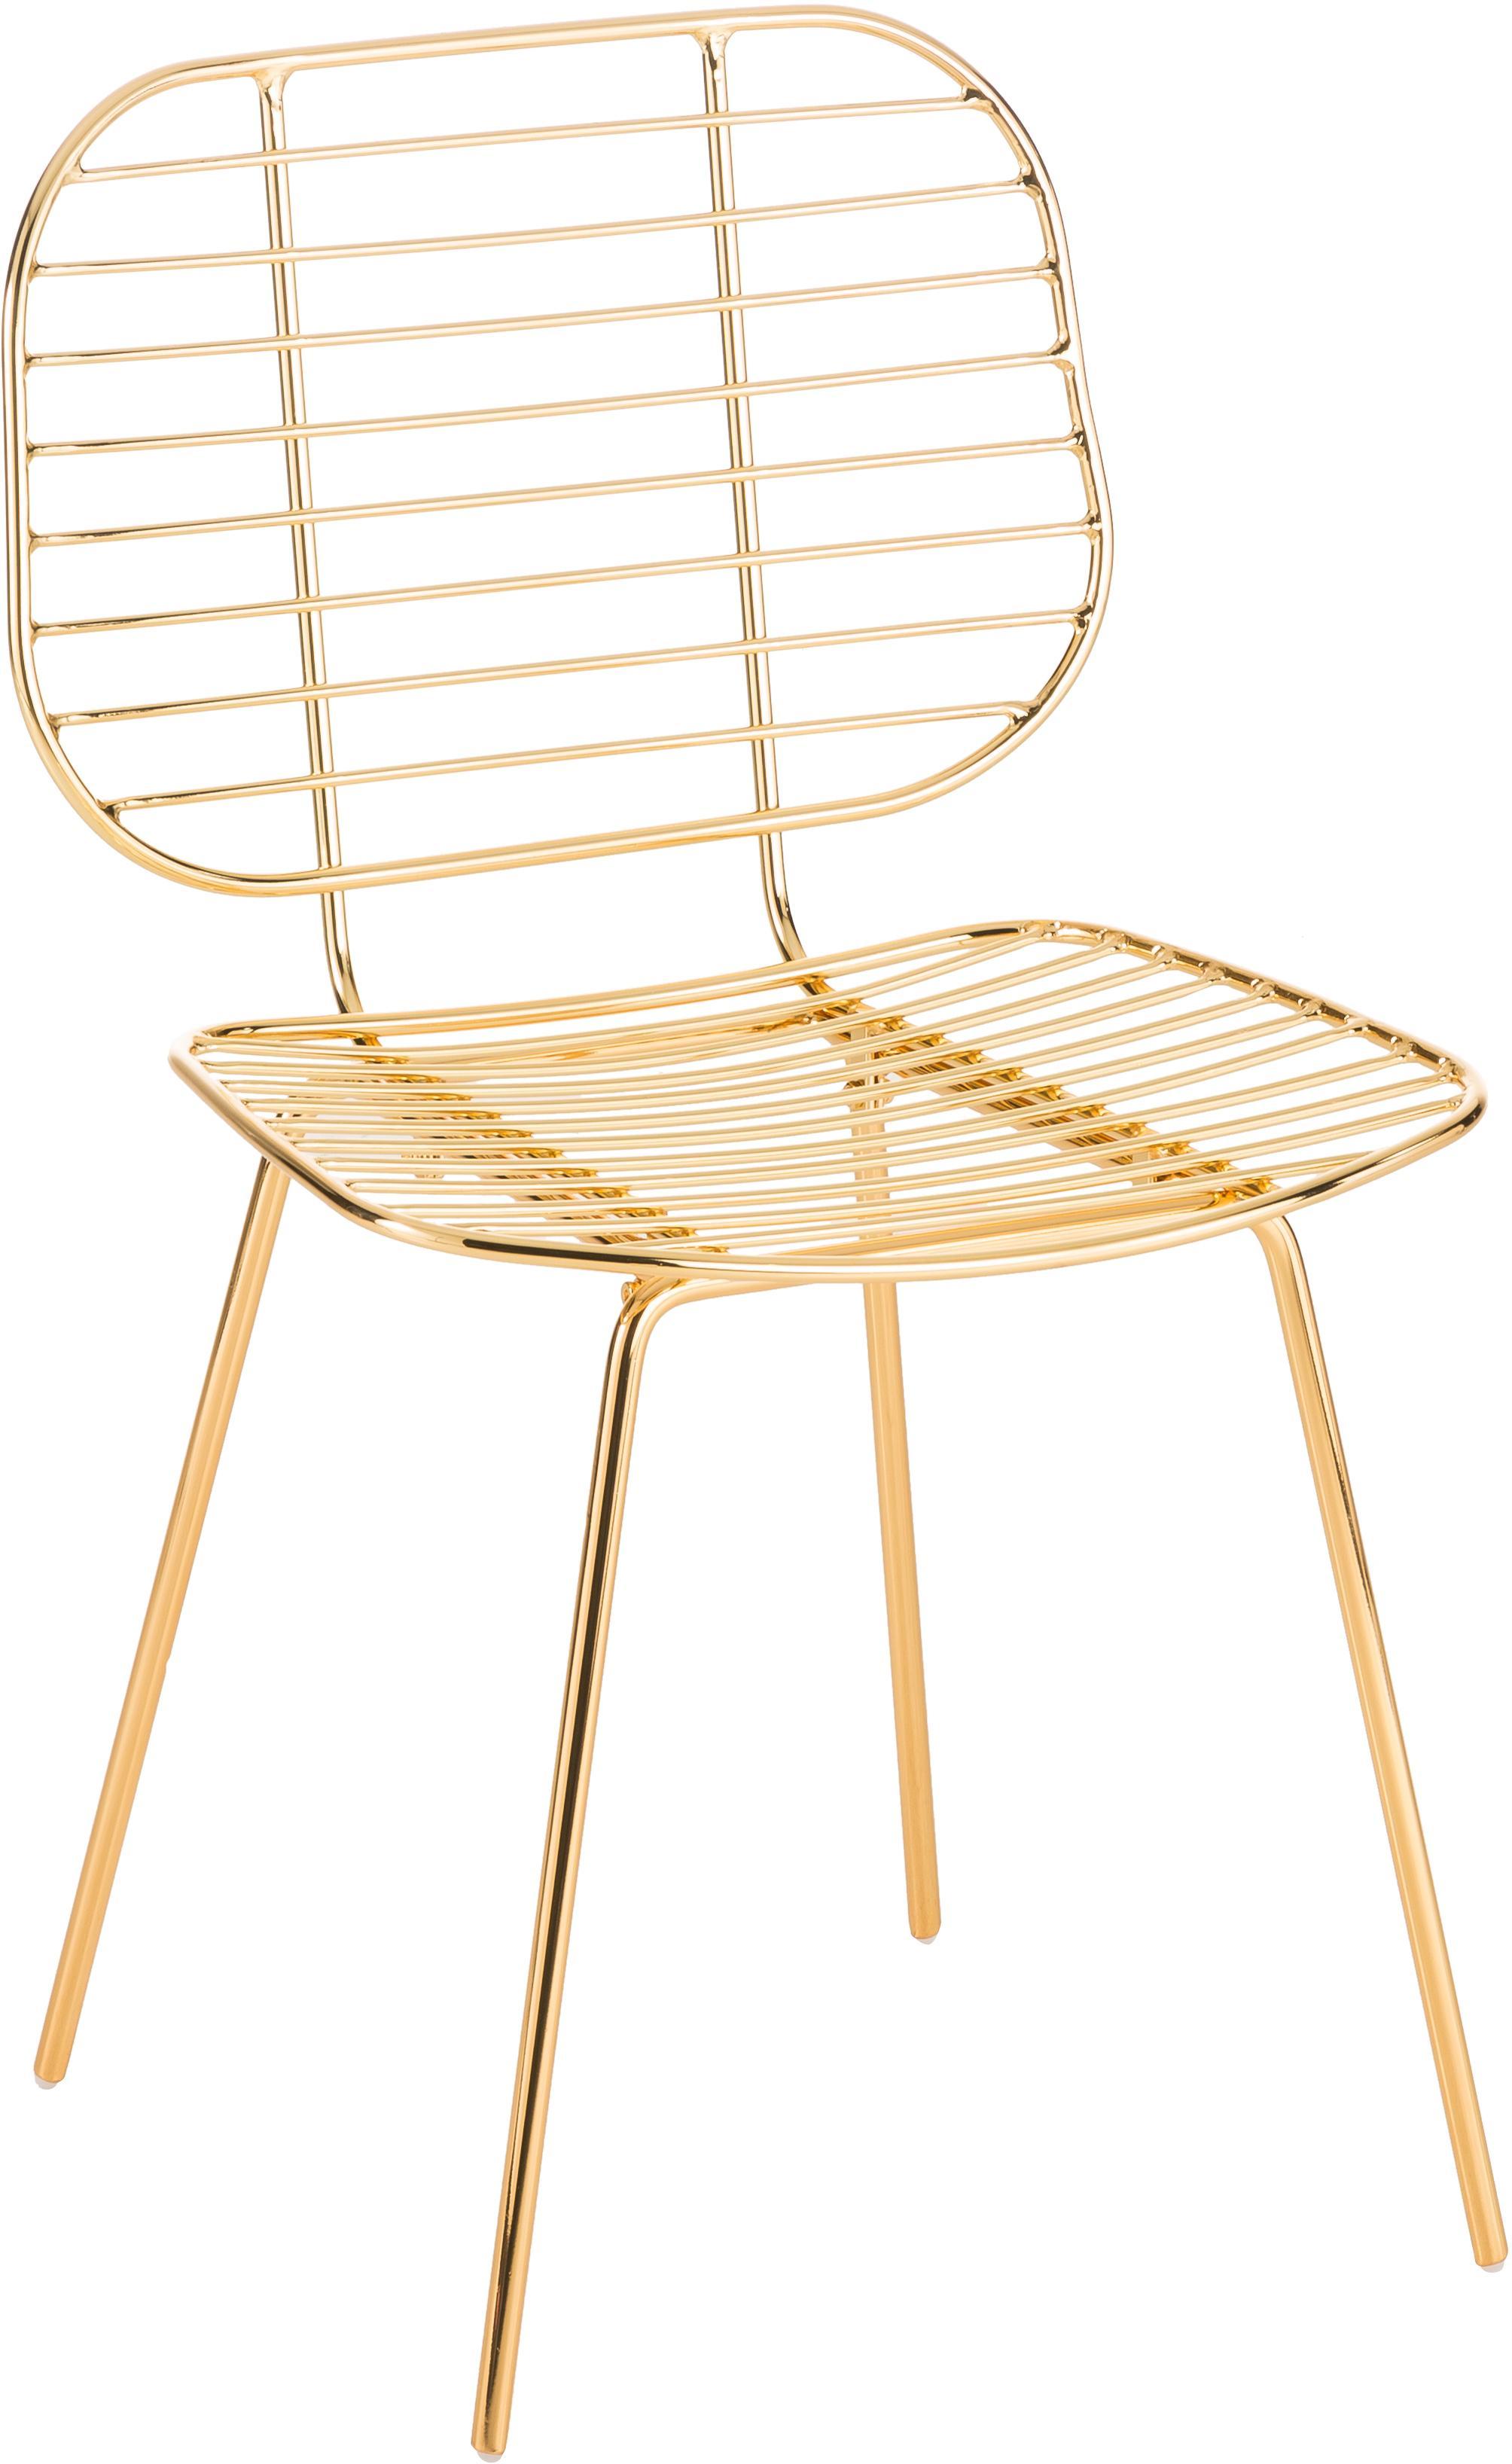 Sedia in metallo Chloé, Metallo rivestito, Ottone, Larg. 48 x Prof. 51 cm